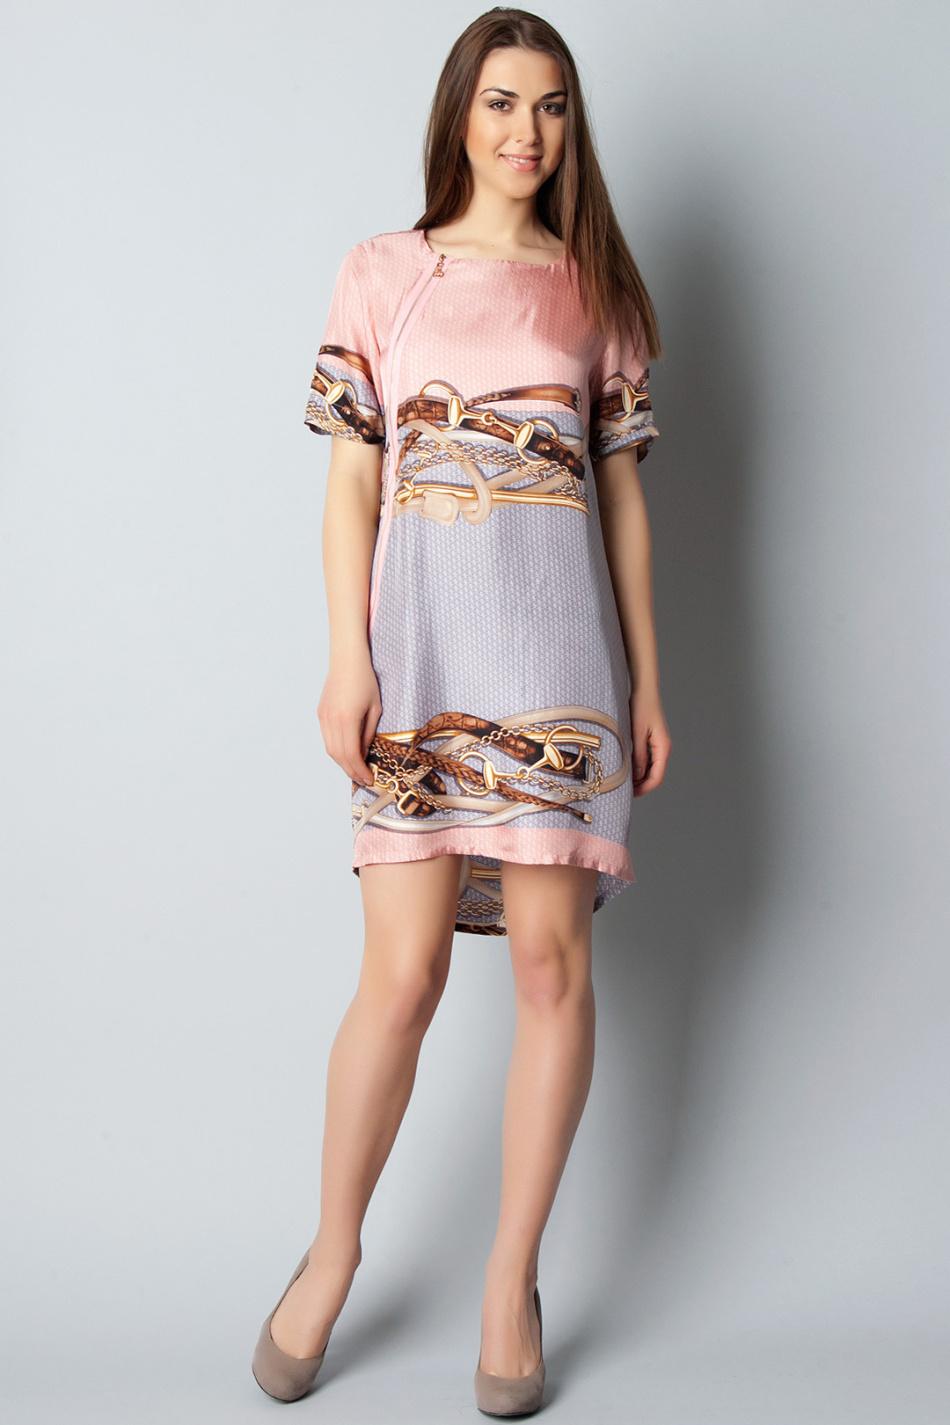 Простое шёлковое платье не нуждается в массе воланов и оборочек